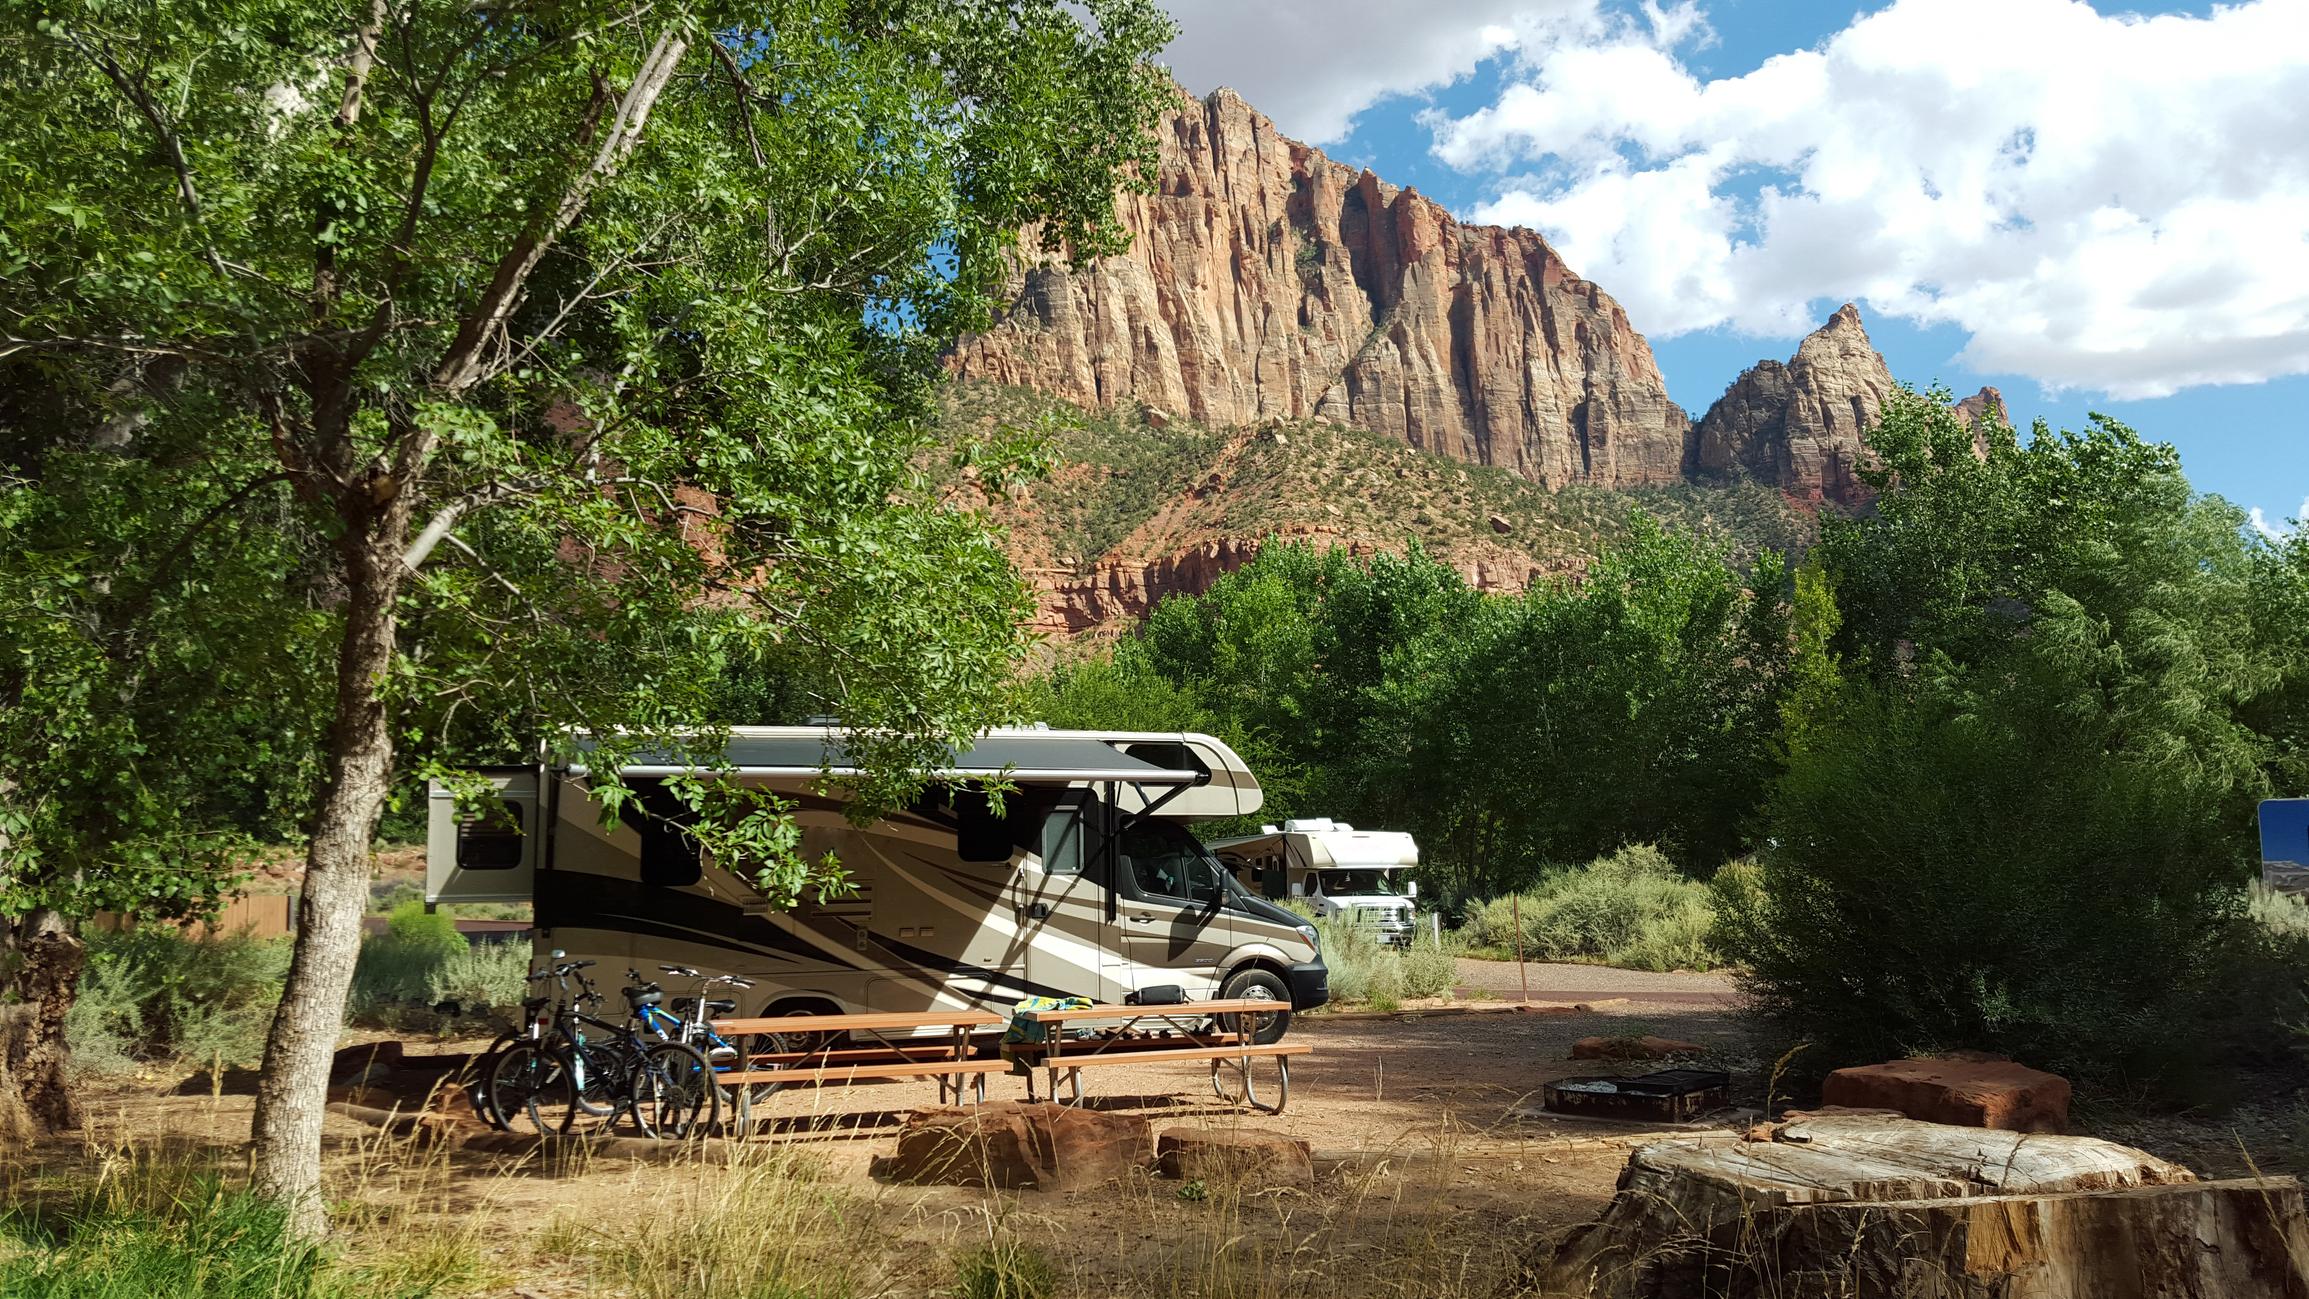 RVs camped in a campsite.